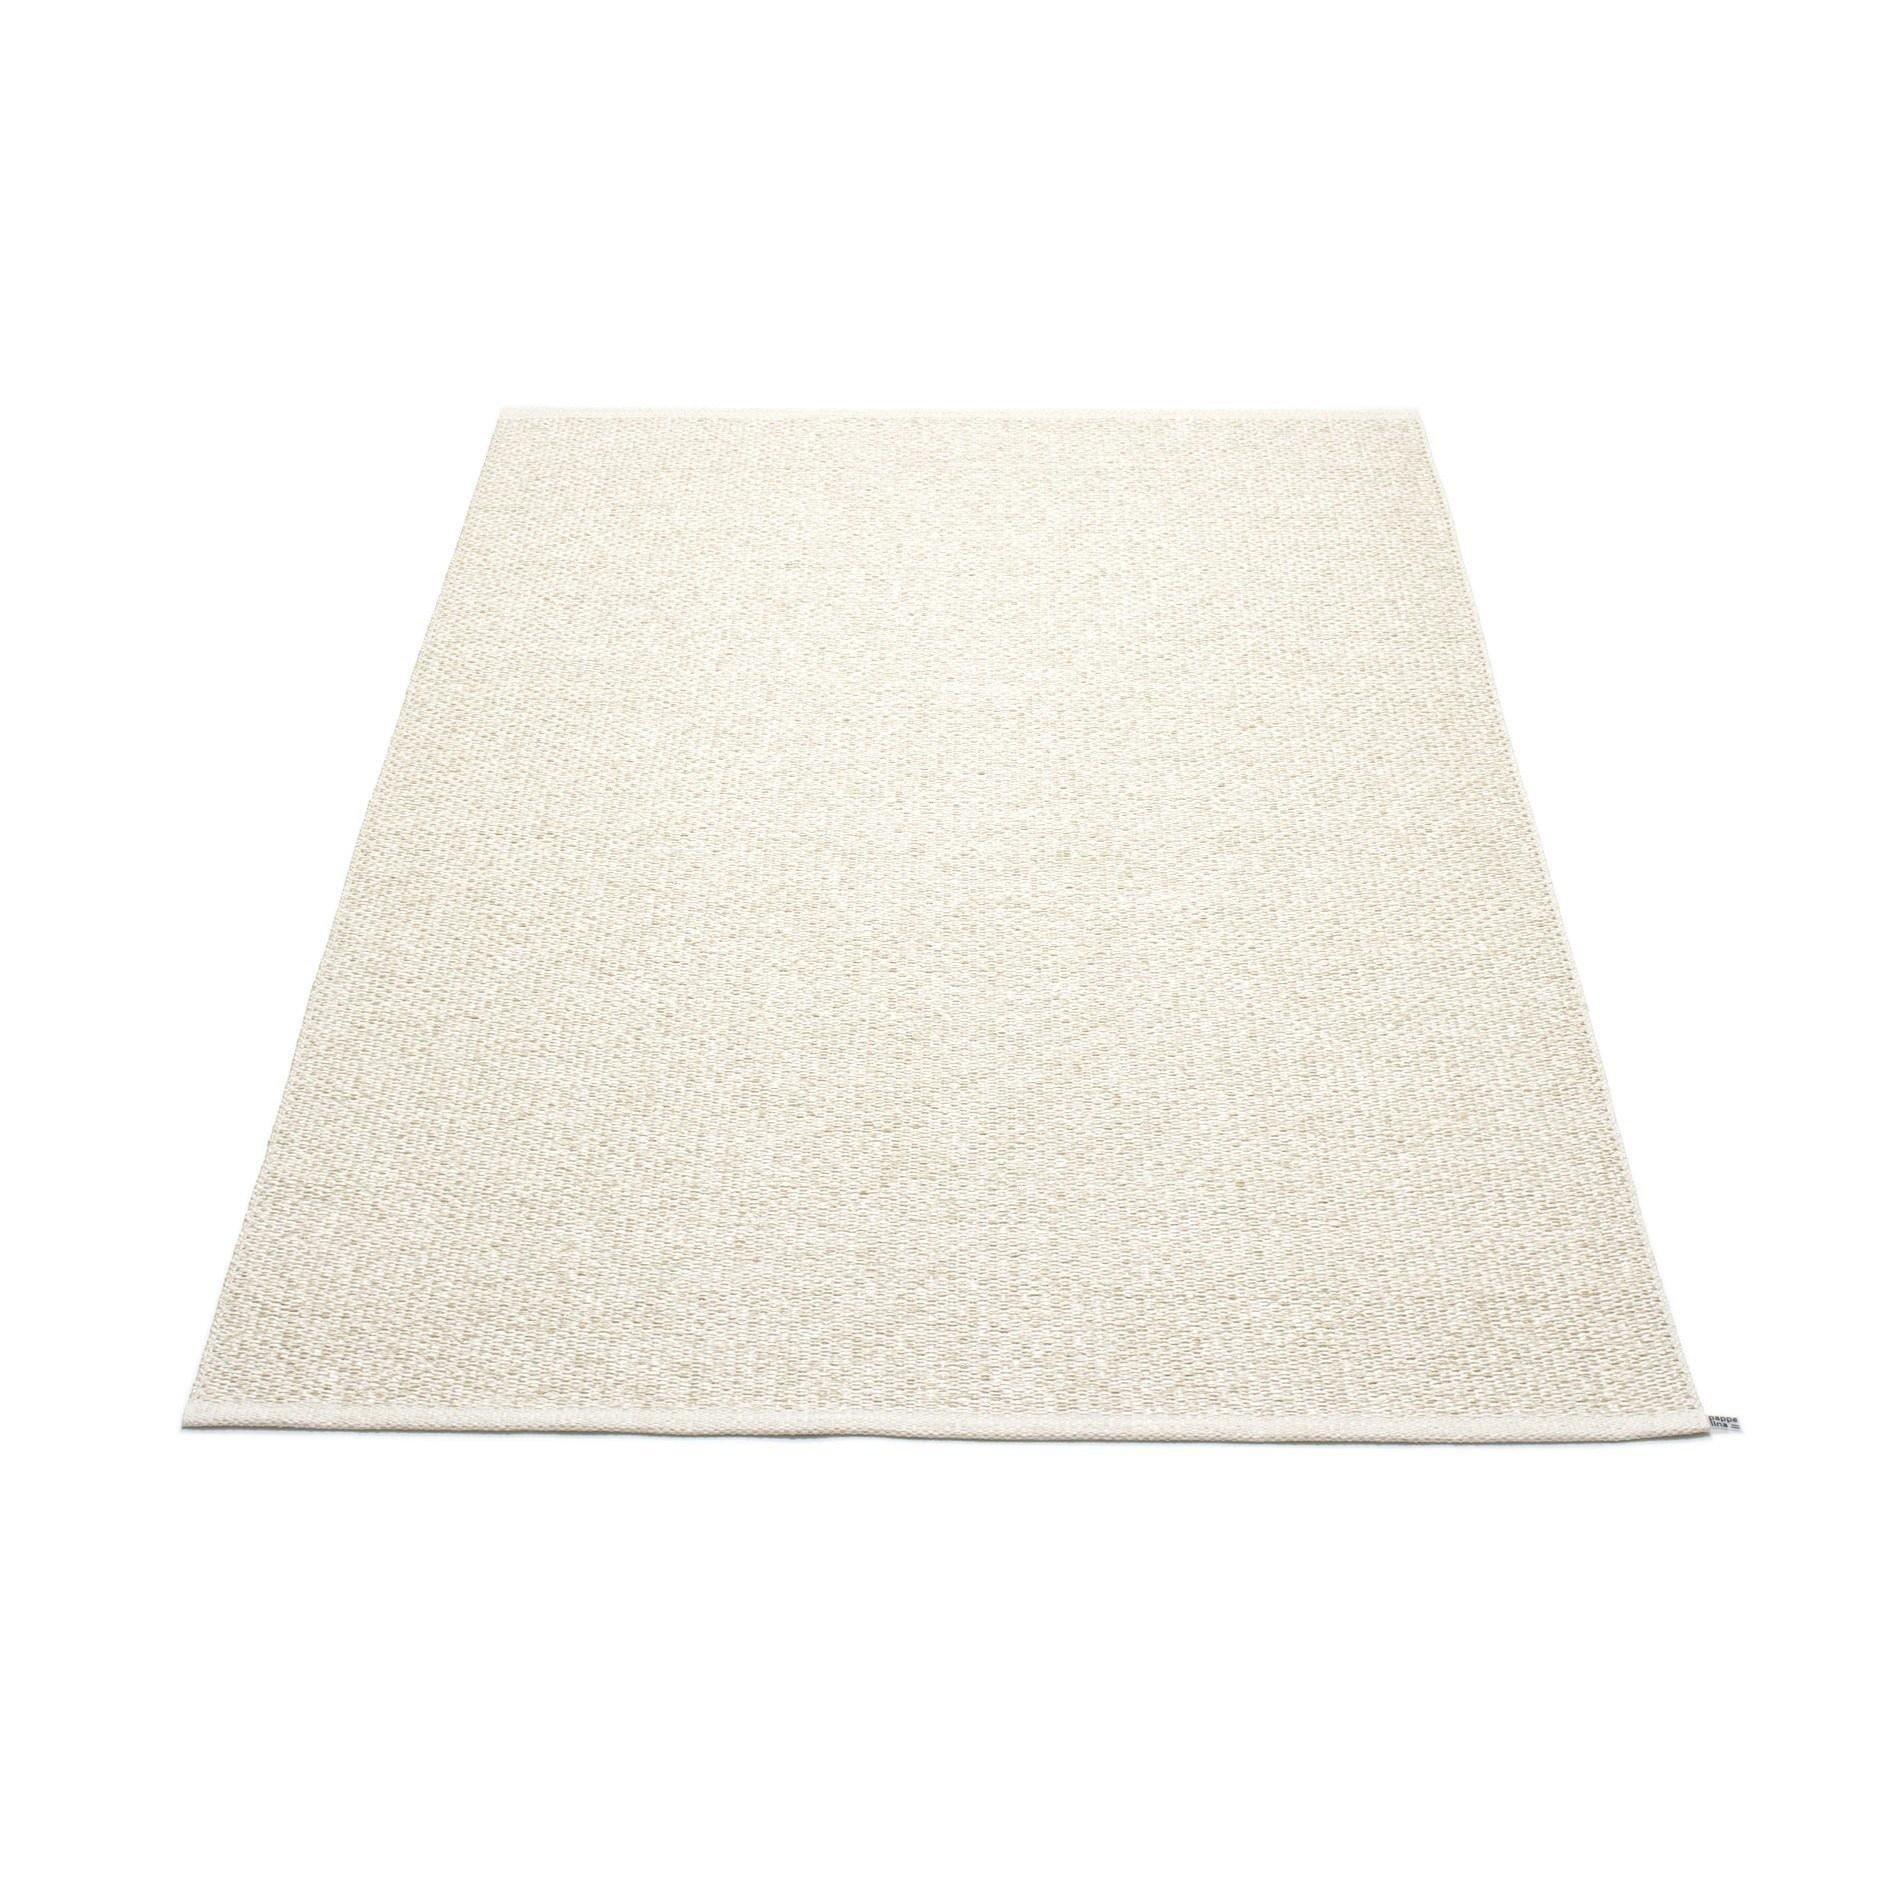 svea tapis pour l 39 ext rieur 140x220cm pappelina. Black Bedroom Furniture Sets. Home Design Ideas